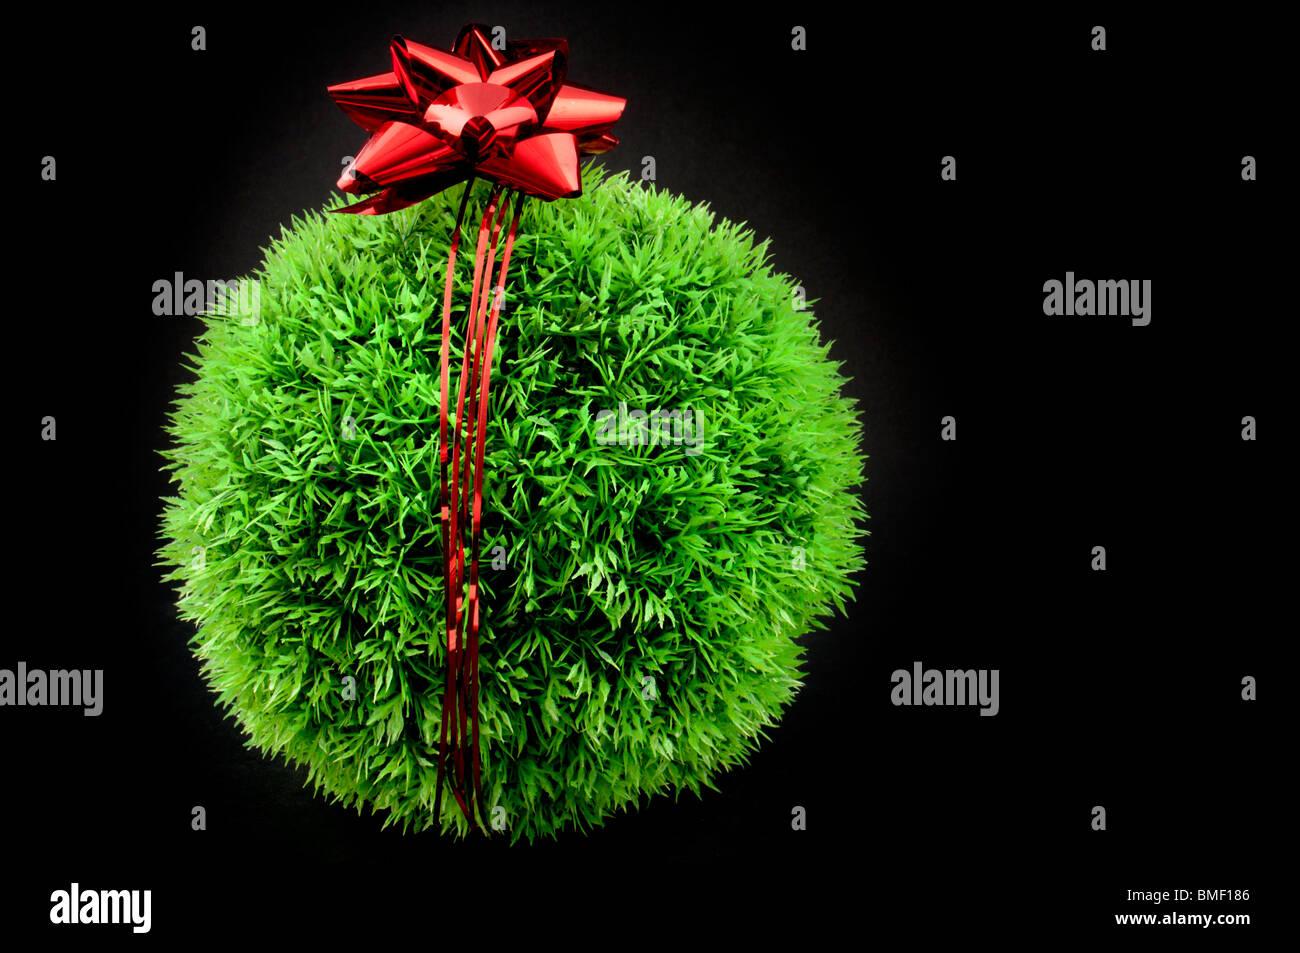 L'herbe verte balle avec arc rouge et ruban au-dessus de lui, un cadeau pour la terre Photo Stock